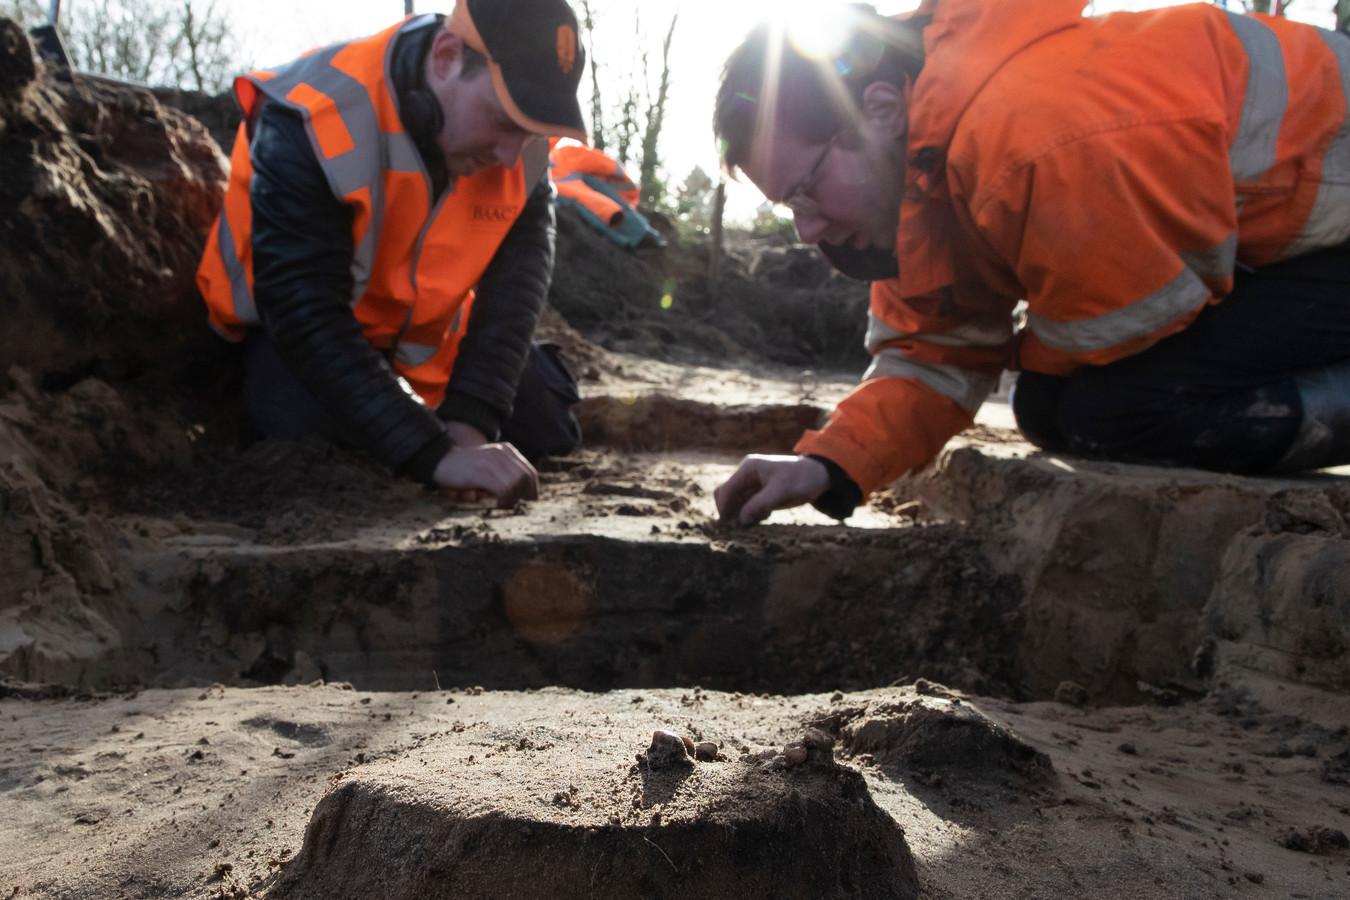 Op het Isabellaveld in Vught werden drie skeletten gevonden van soldaten die sneuvelden tijdens het beleg van 's-Hertogenbosch in 1629.